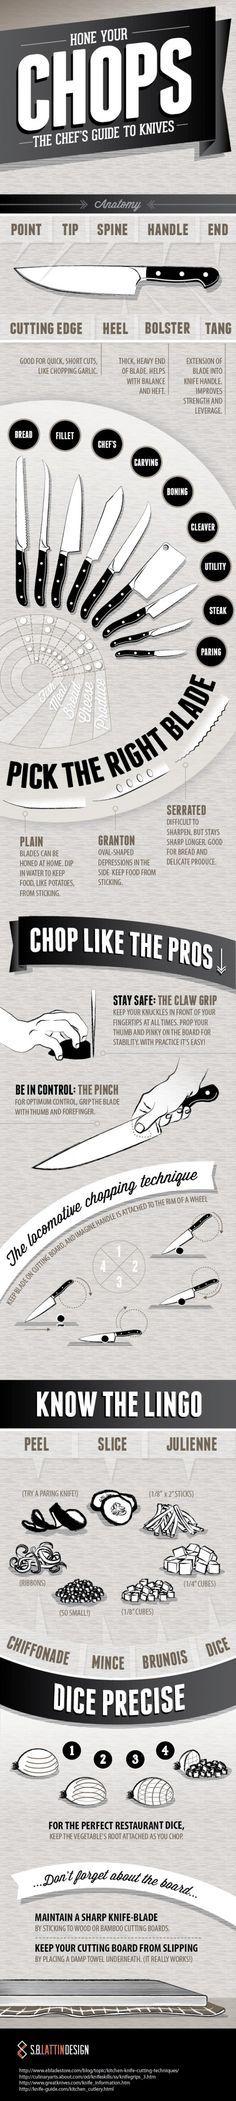 ¿Qué cuchillo es el indicado para cortar carne? ¿Cómo es el corte brunoise? ¿Cómo cortar verduras como todo un profesional? Esta infografía te resolverá tus dudas...